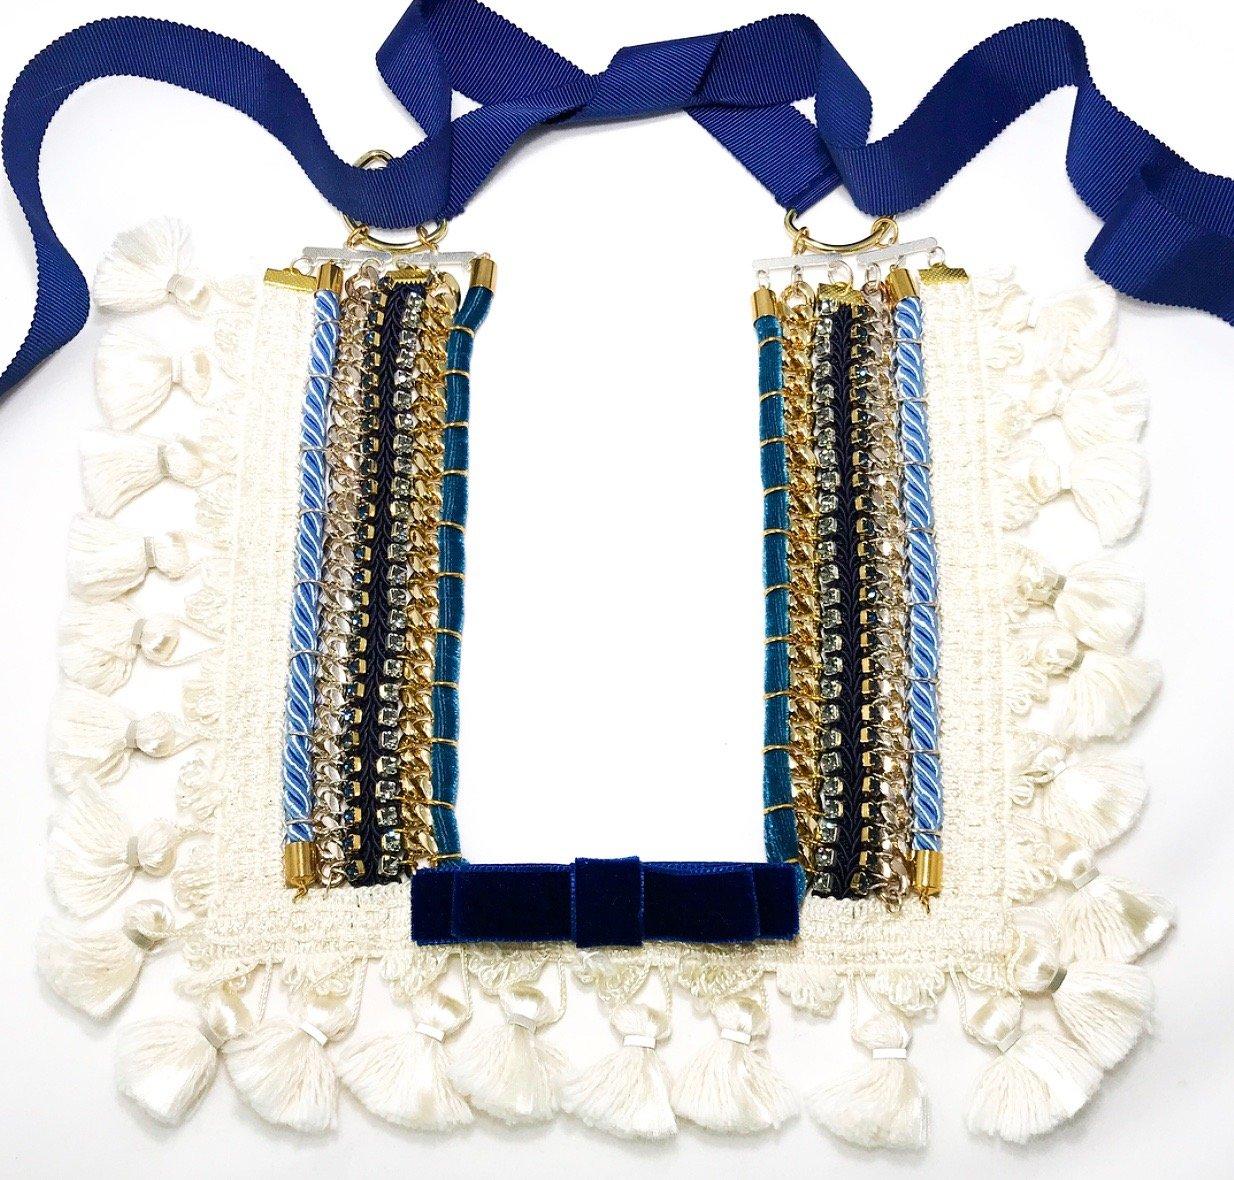 Image of Square tassel trim Necklace